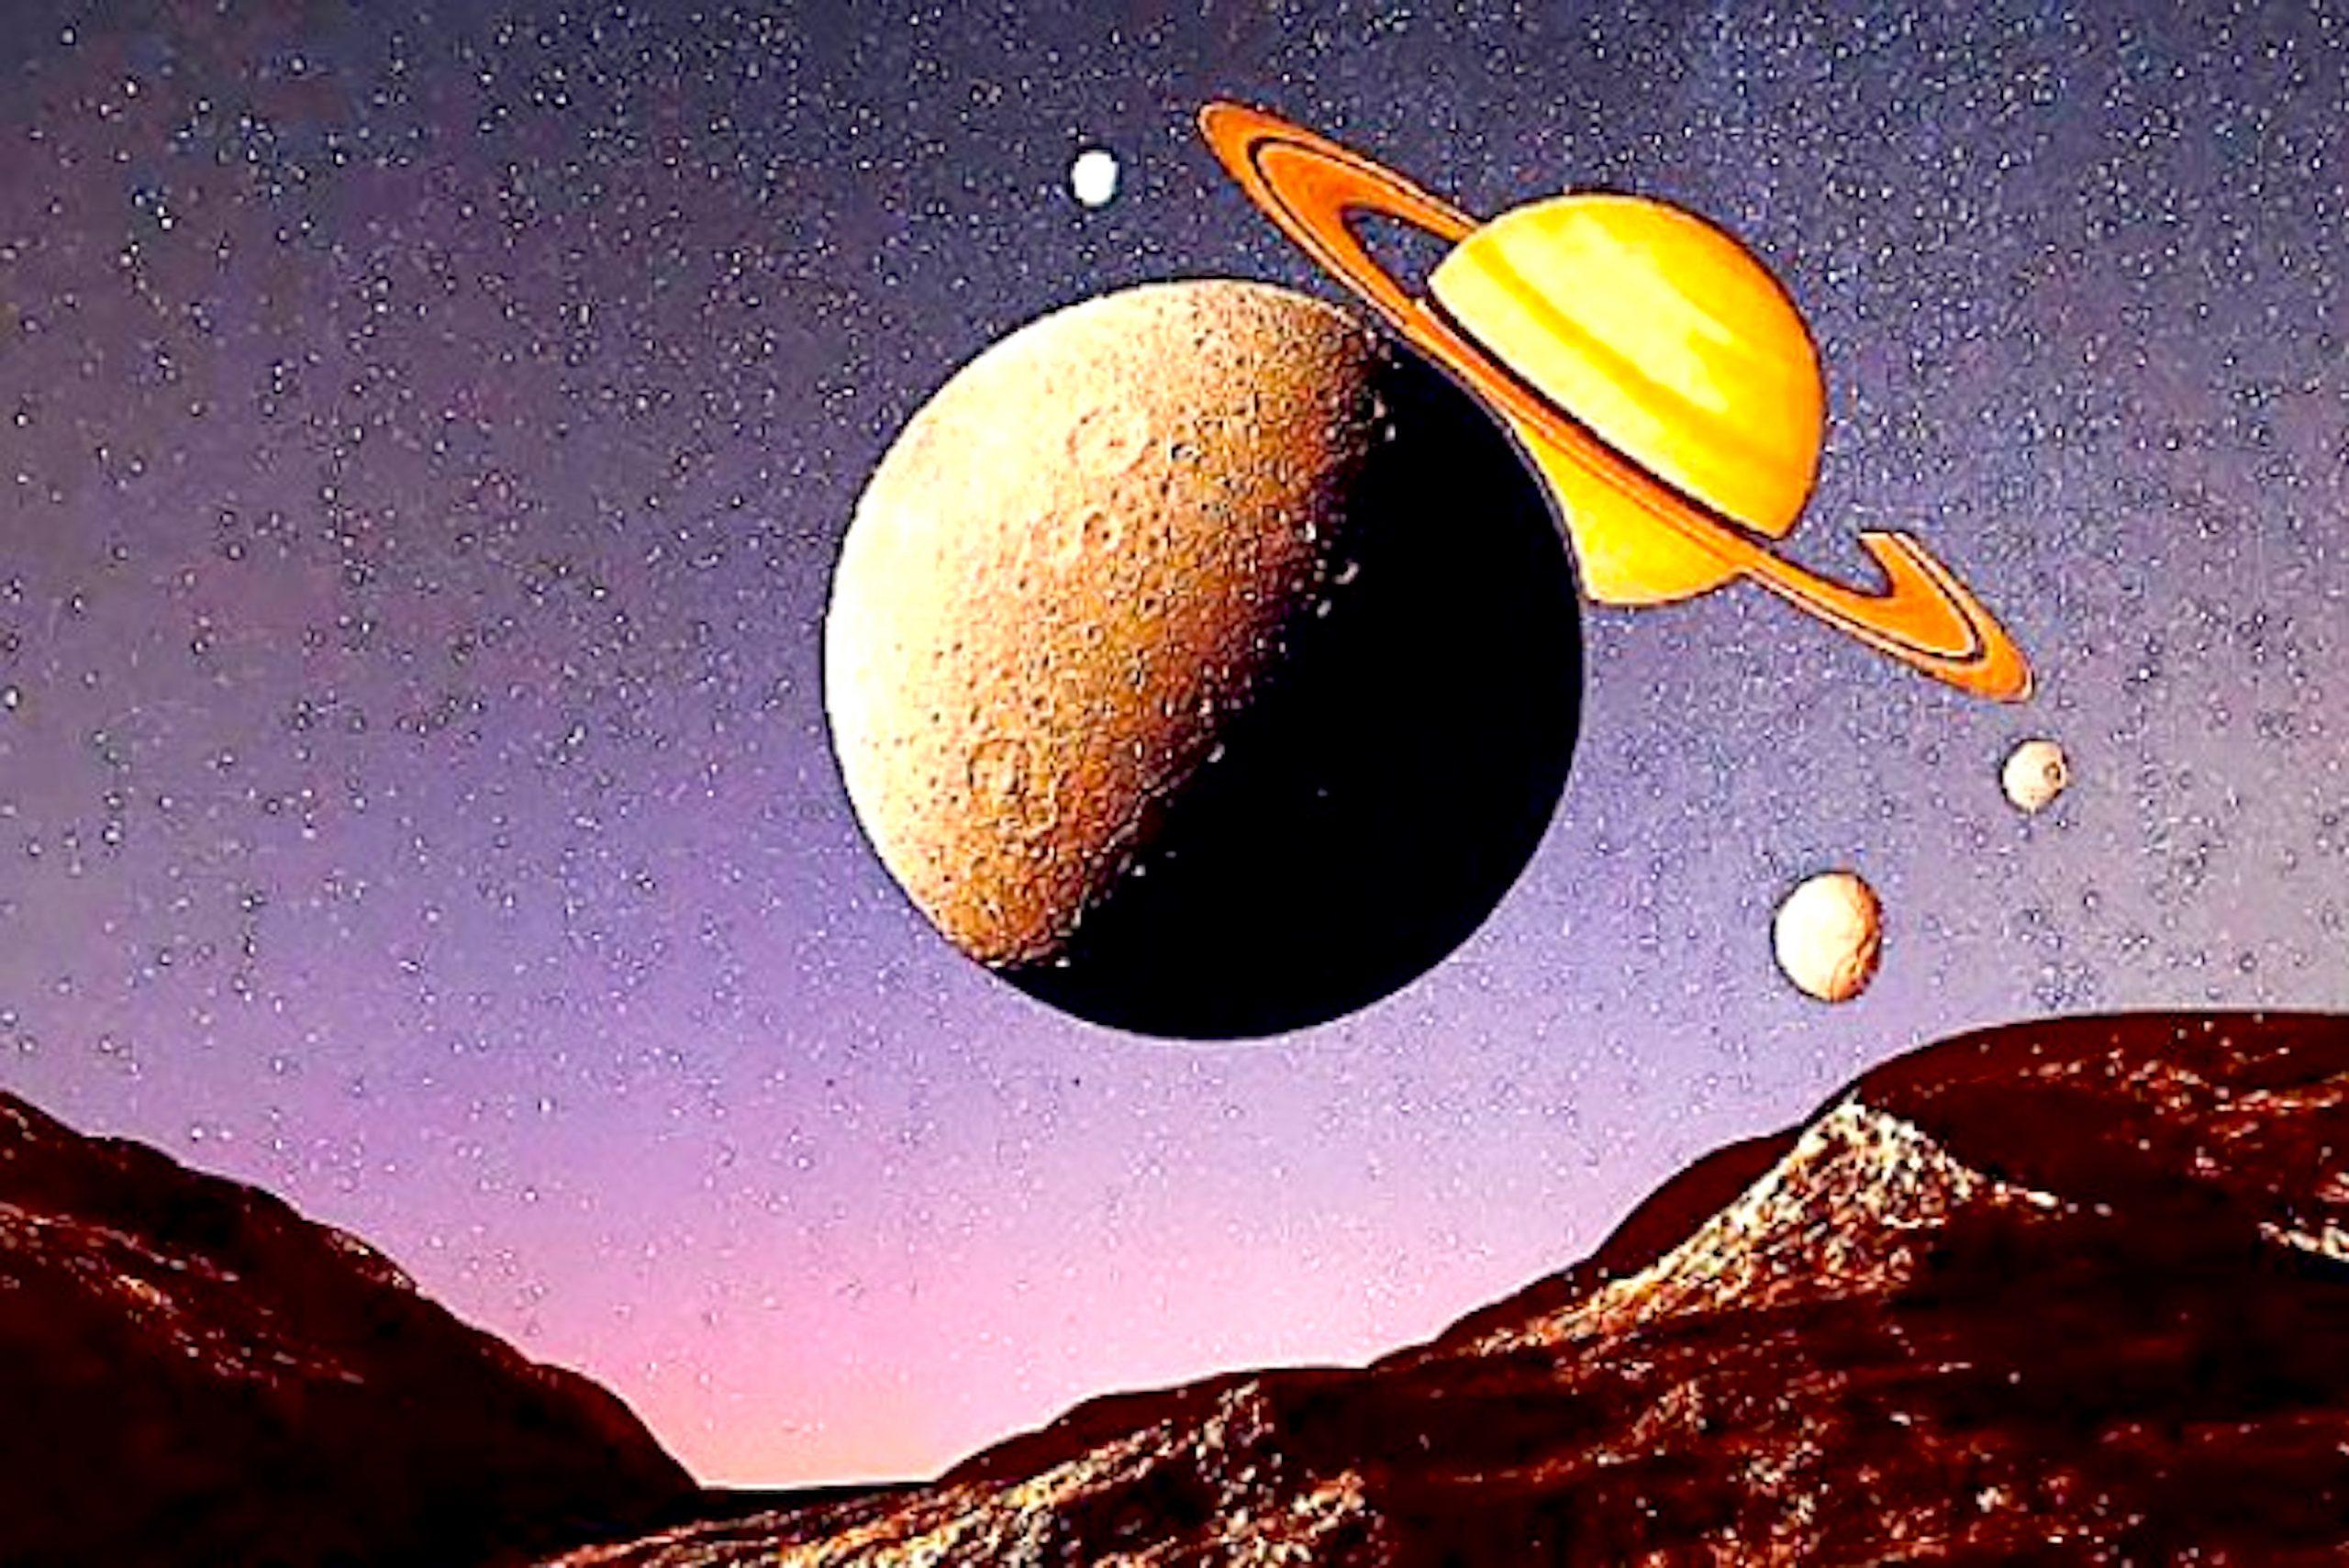 Jupiter & Saturn (foto dtnext.in)